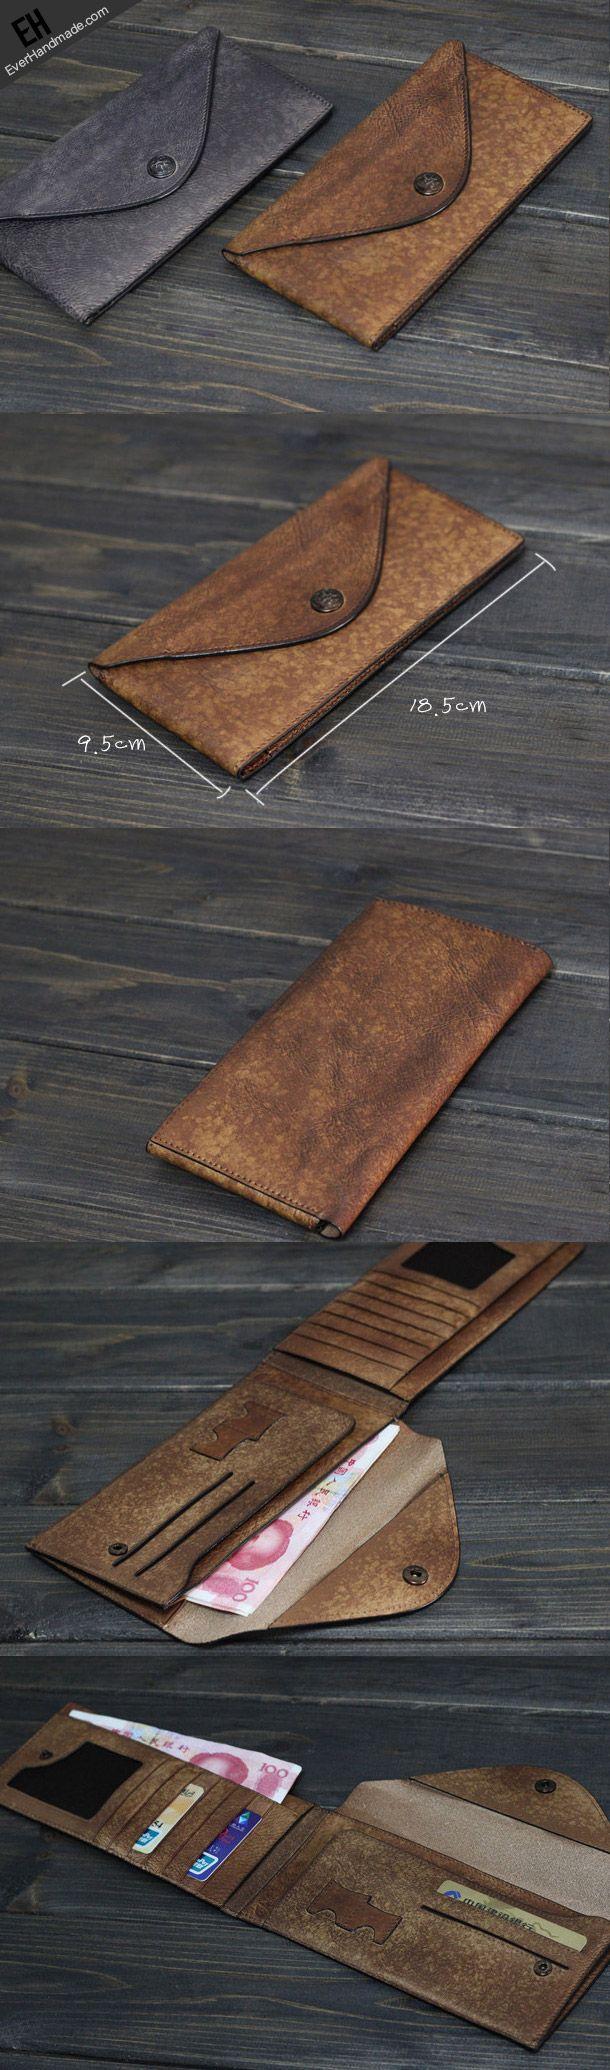 Handmade Men long leather wallet clutch men envelop vintage gray multi cards wallet for him